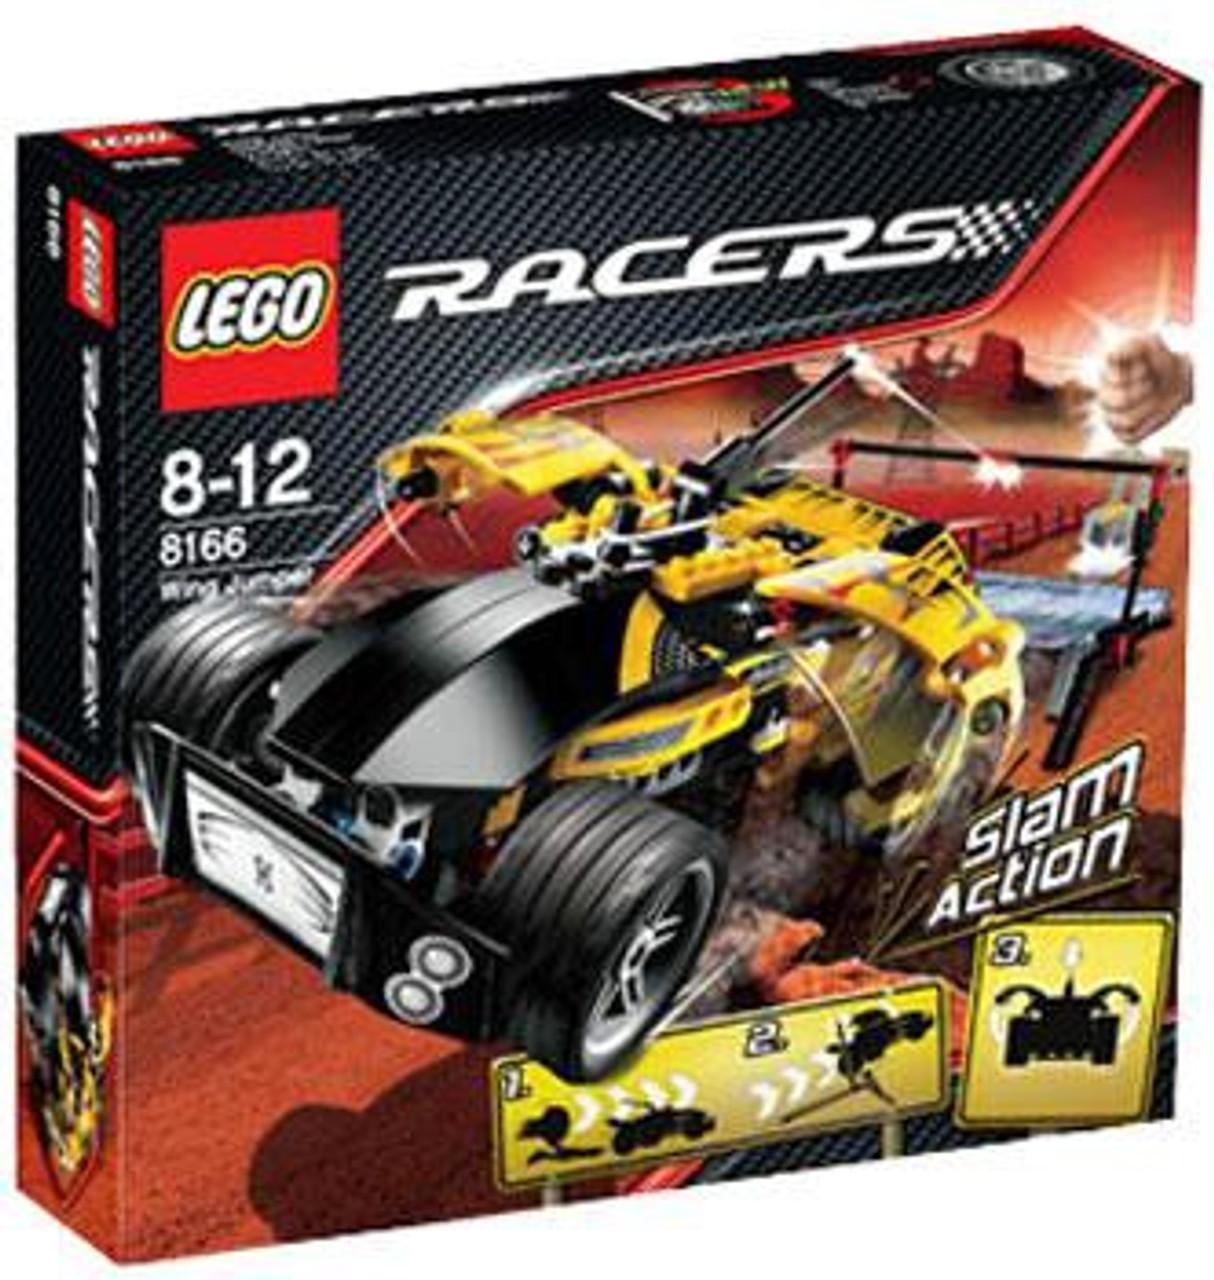 LEGO Racers Wing Jumper Set #8166